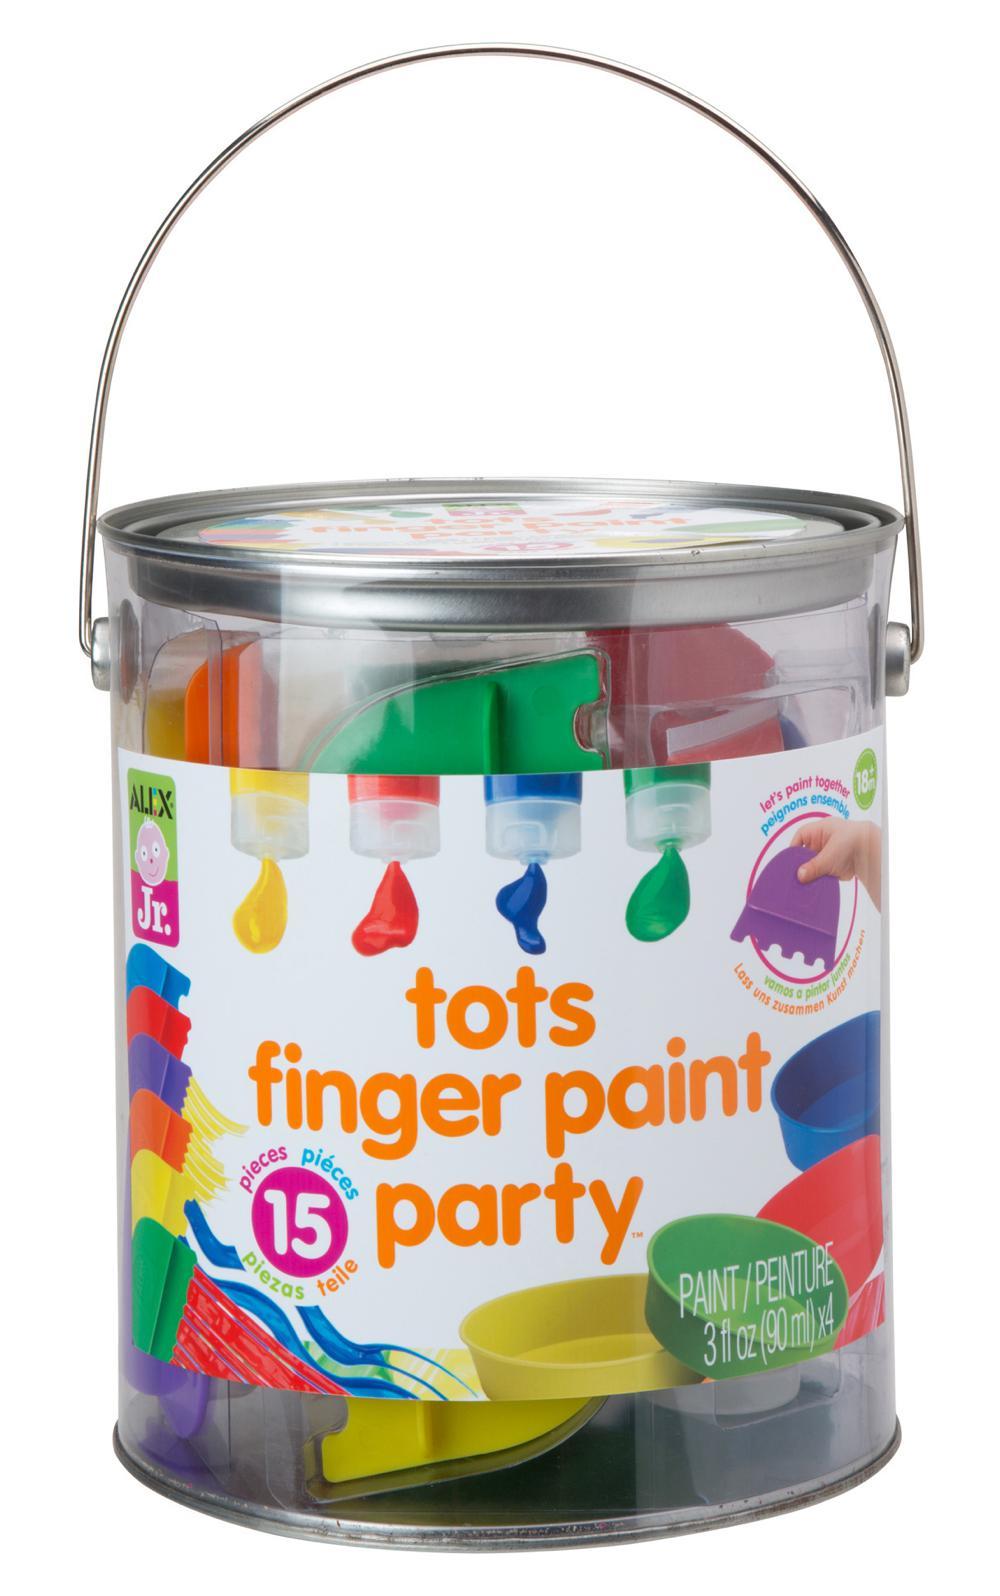 peinture doigts et accessoires club jouet achat de jeux et jouets prix club. Black Bedroom Furniture Sets. Home Design Ideas